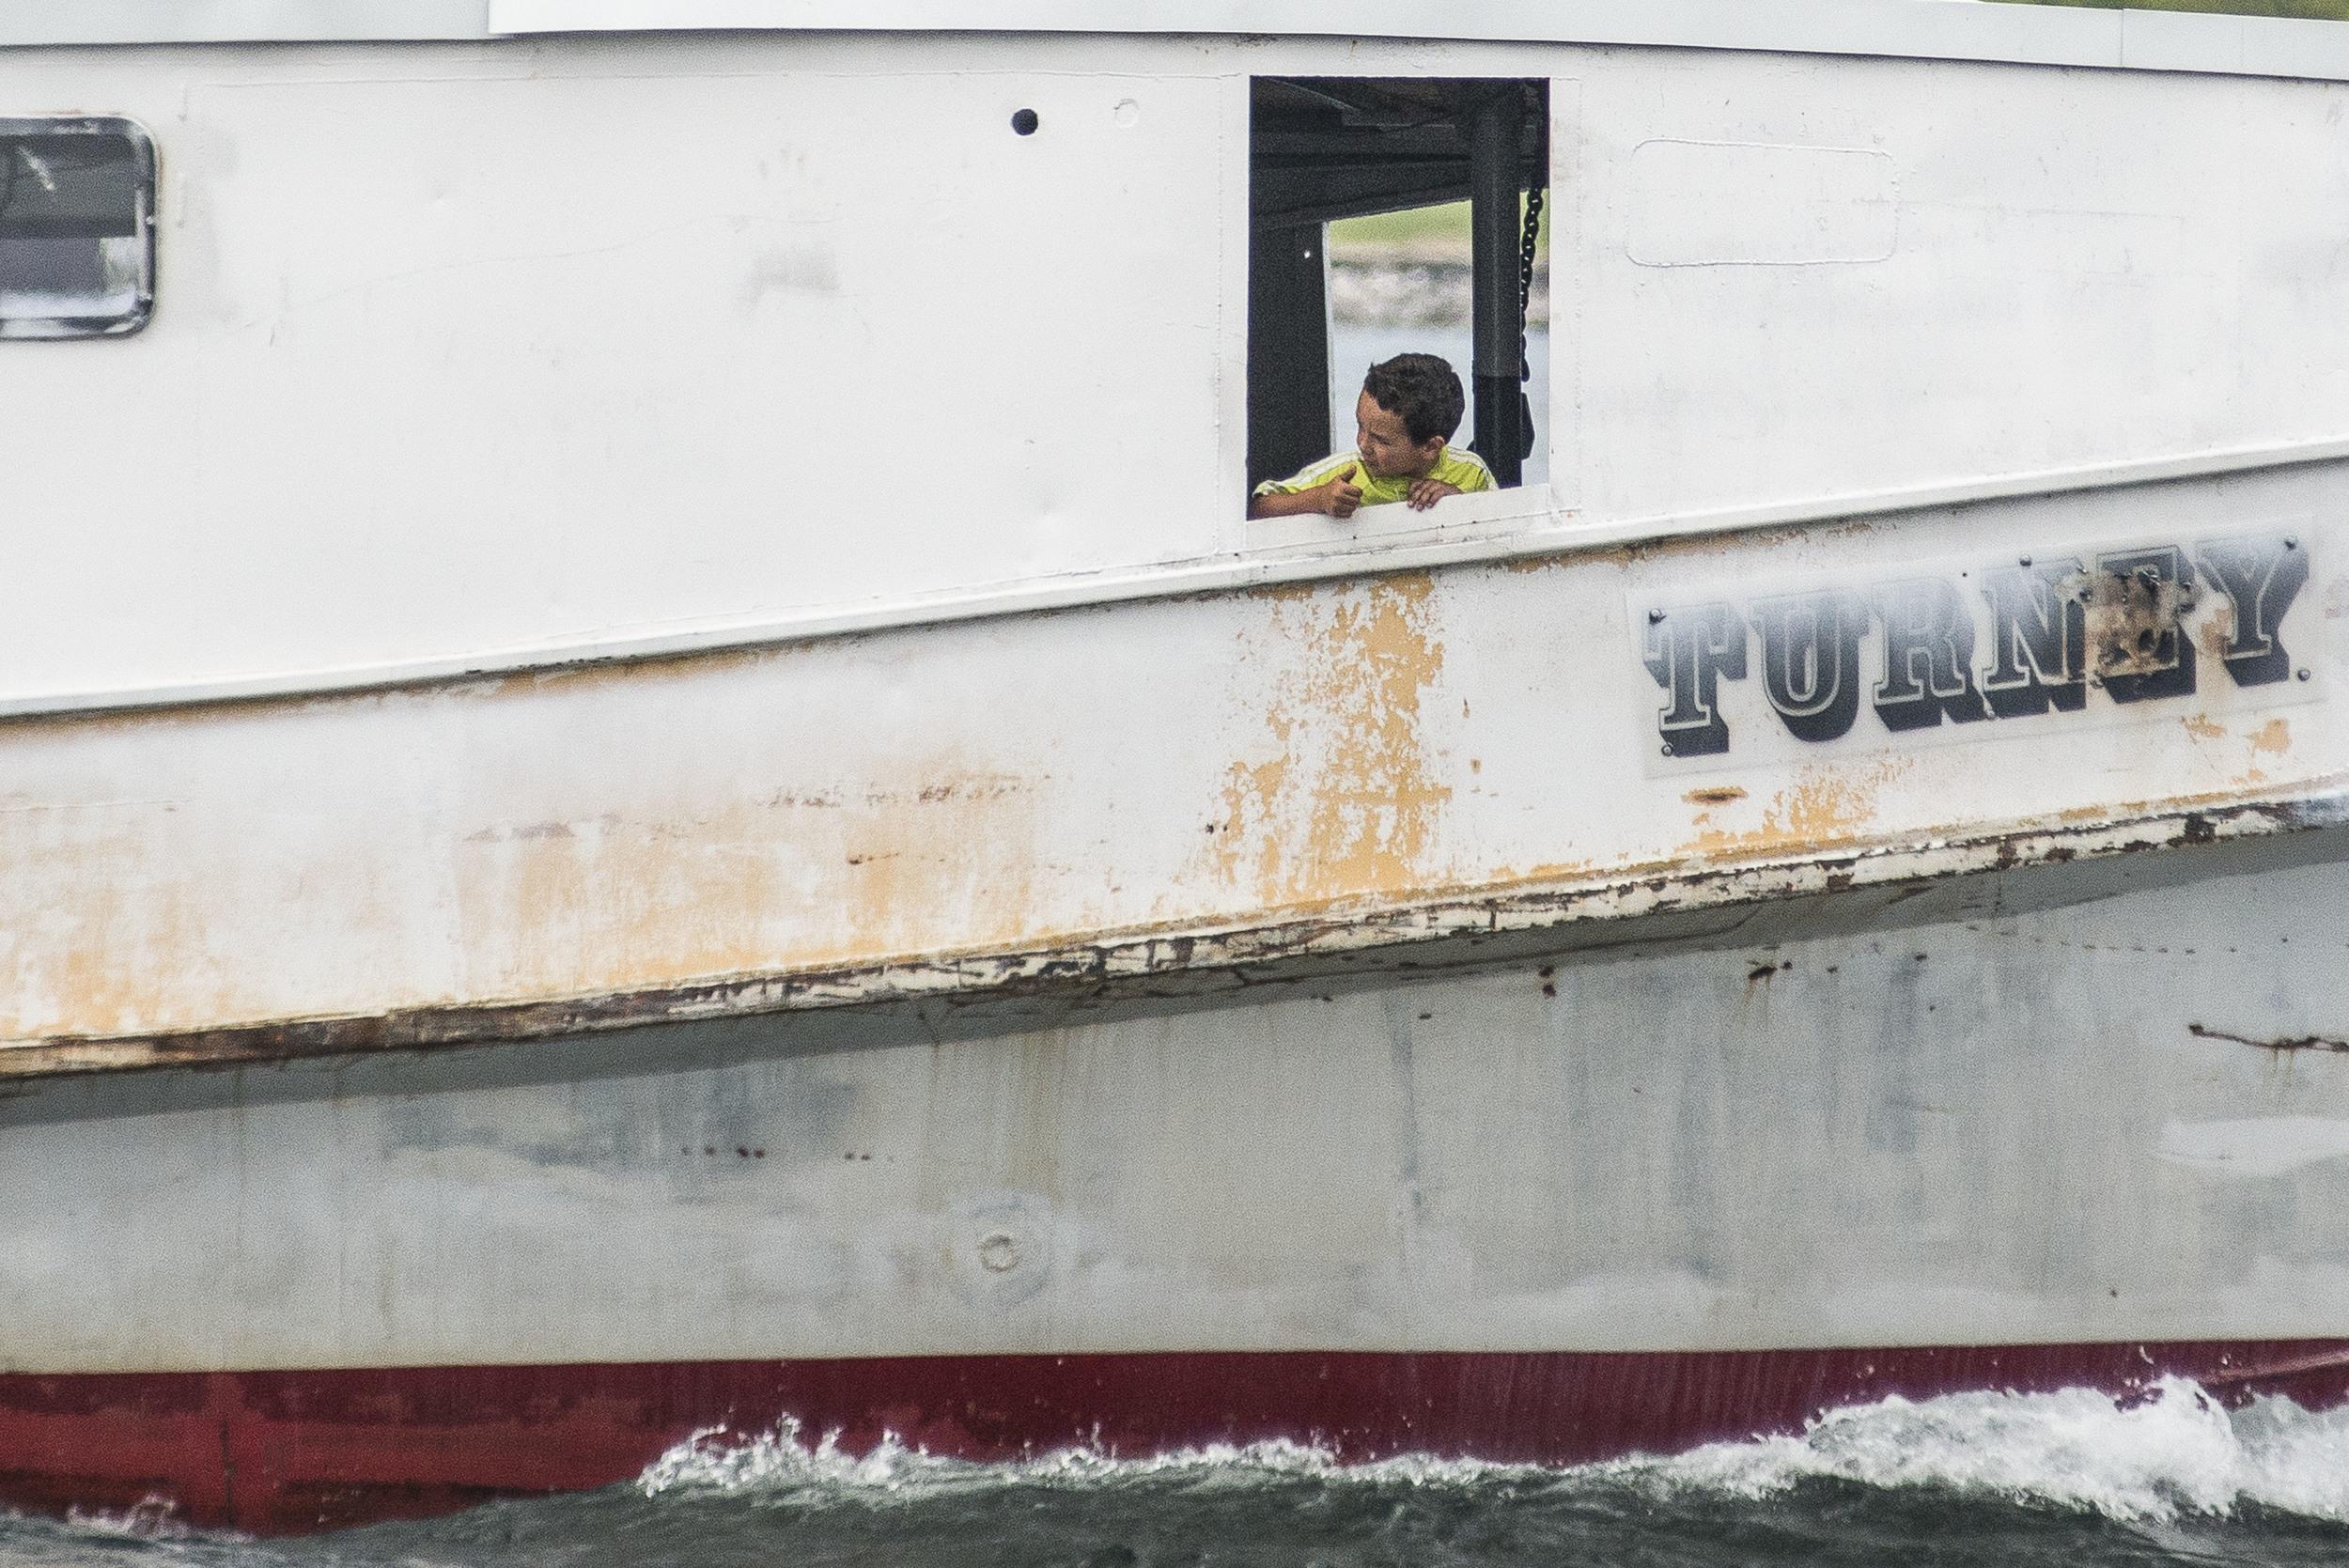 Tugboat STW 2July14 ap 9590.jpg